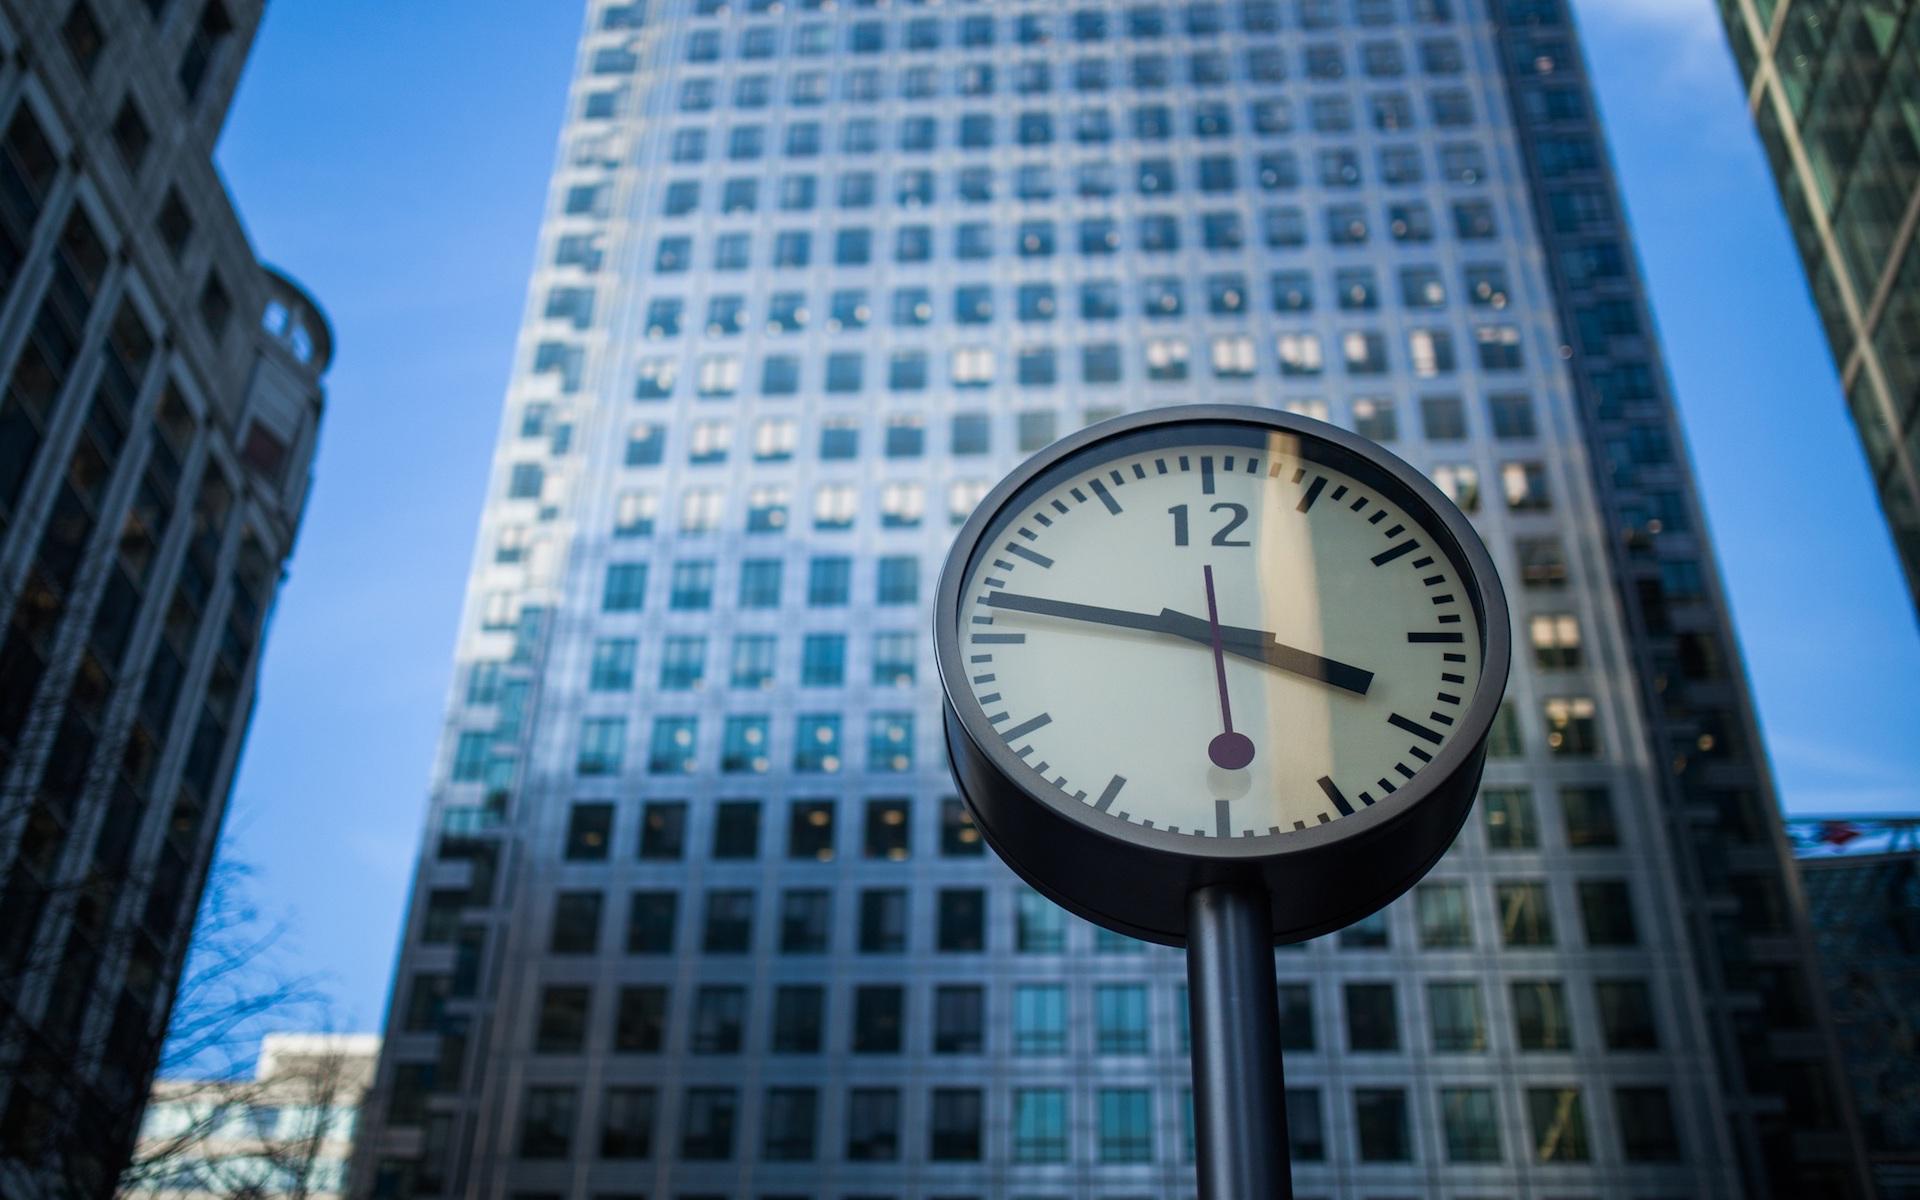 Texte Sur Le Temps Qui Passe Trop Vite - Exemple de Texte